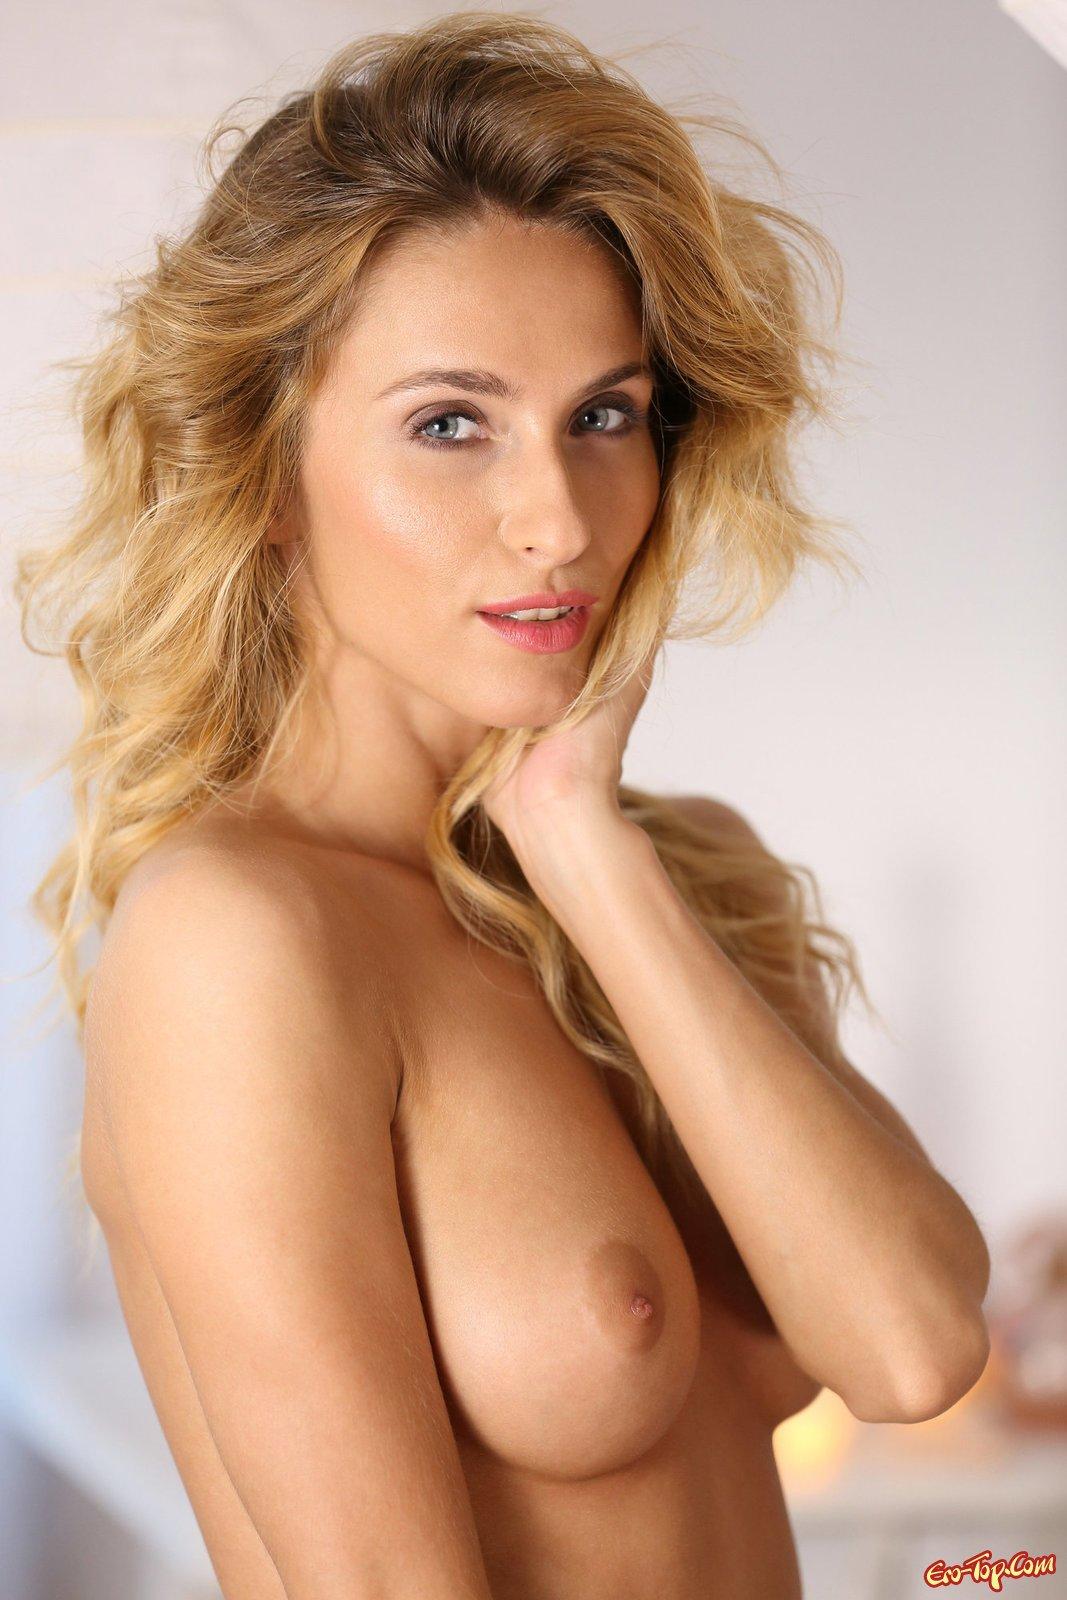 Секси дамочка светит натуральной грудью на кровати